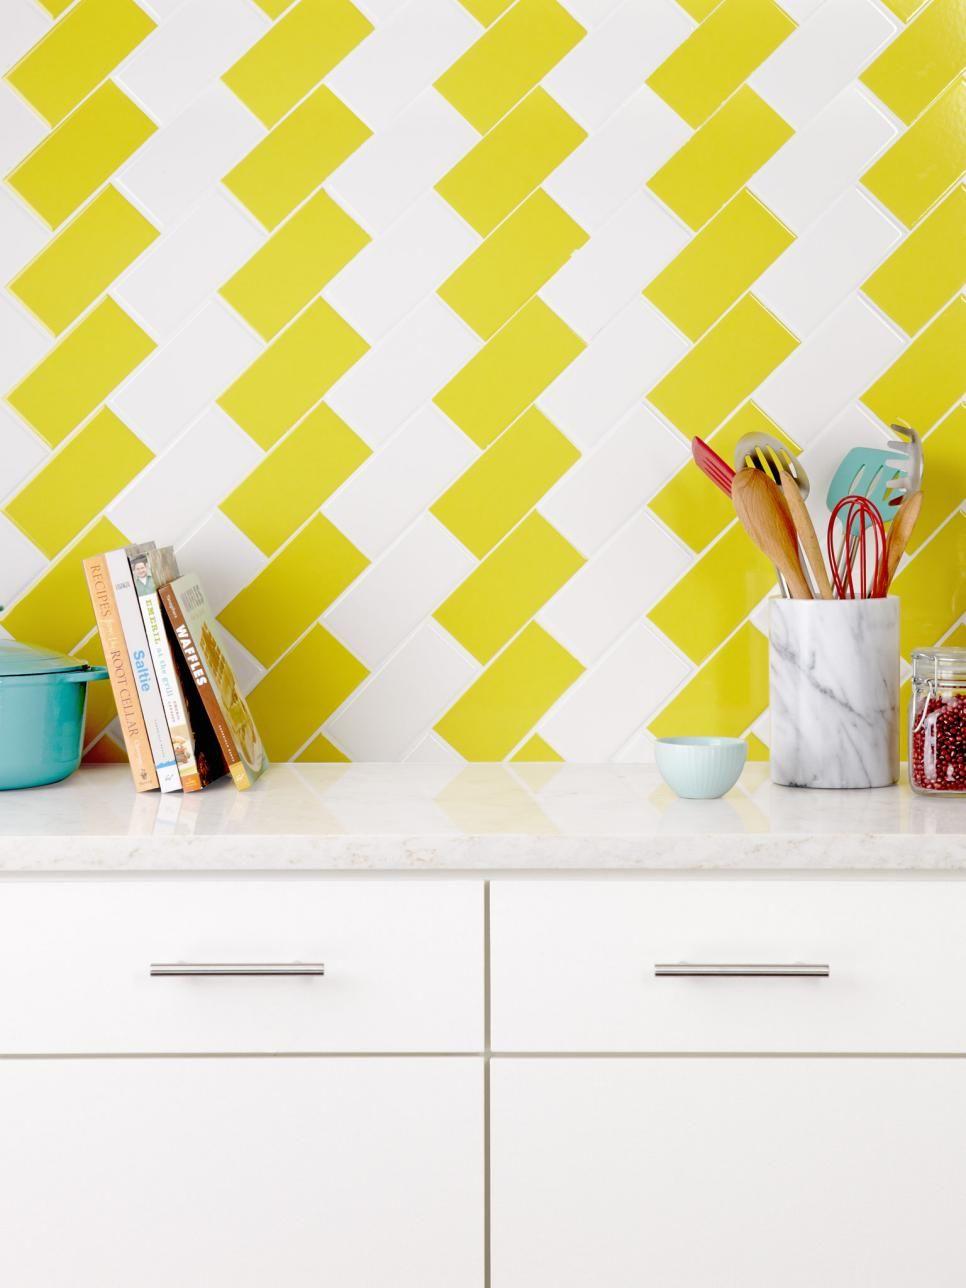 5 Clever Tile Backsplash Designs from HGTV Stars | Kitchen Ideas & Design with Cabinets, Islands, Backsplashes | HGTV